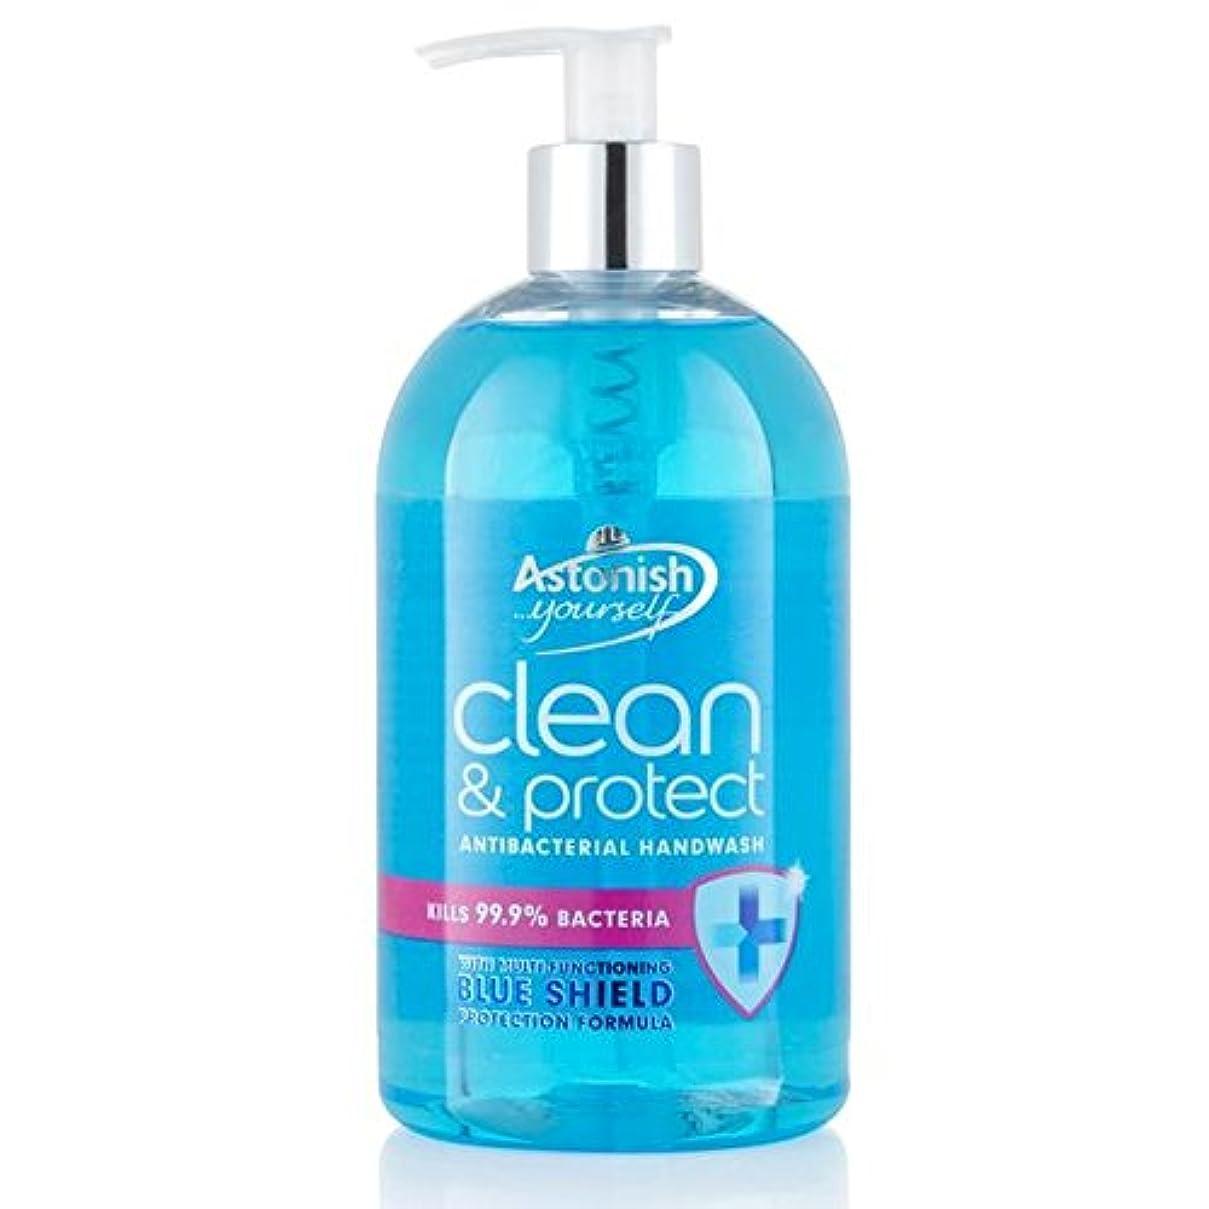 うんざり合成コットンクリーン驚か&ハンドウォッシュ500ミリリットルを保護 x4 - Astonish Clean & Protect Hand Wash 500ml (Pack of 4) [並行輸入品]